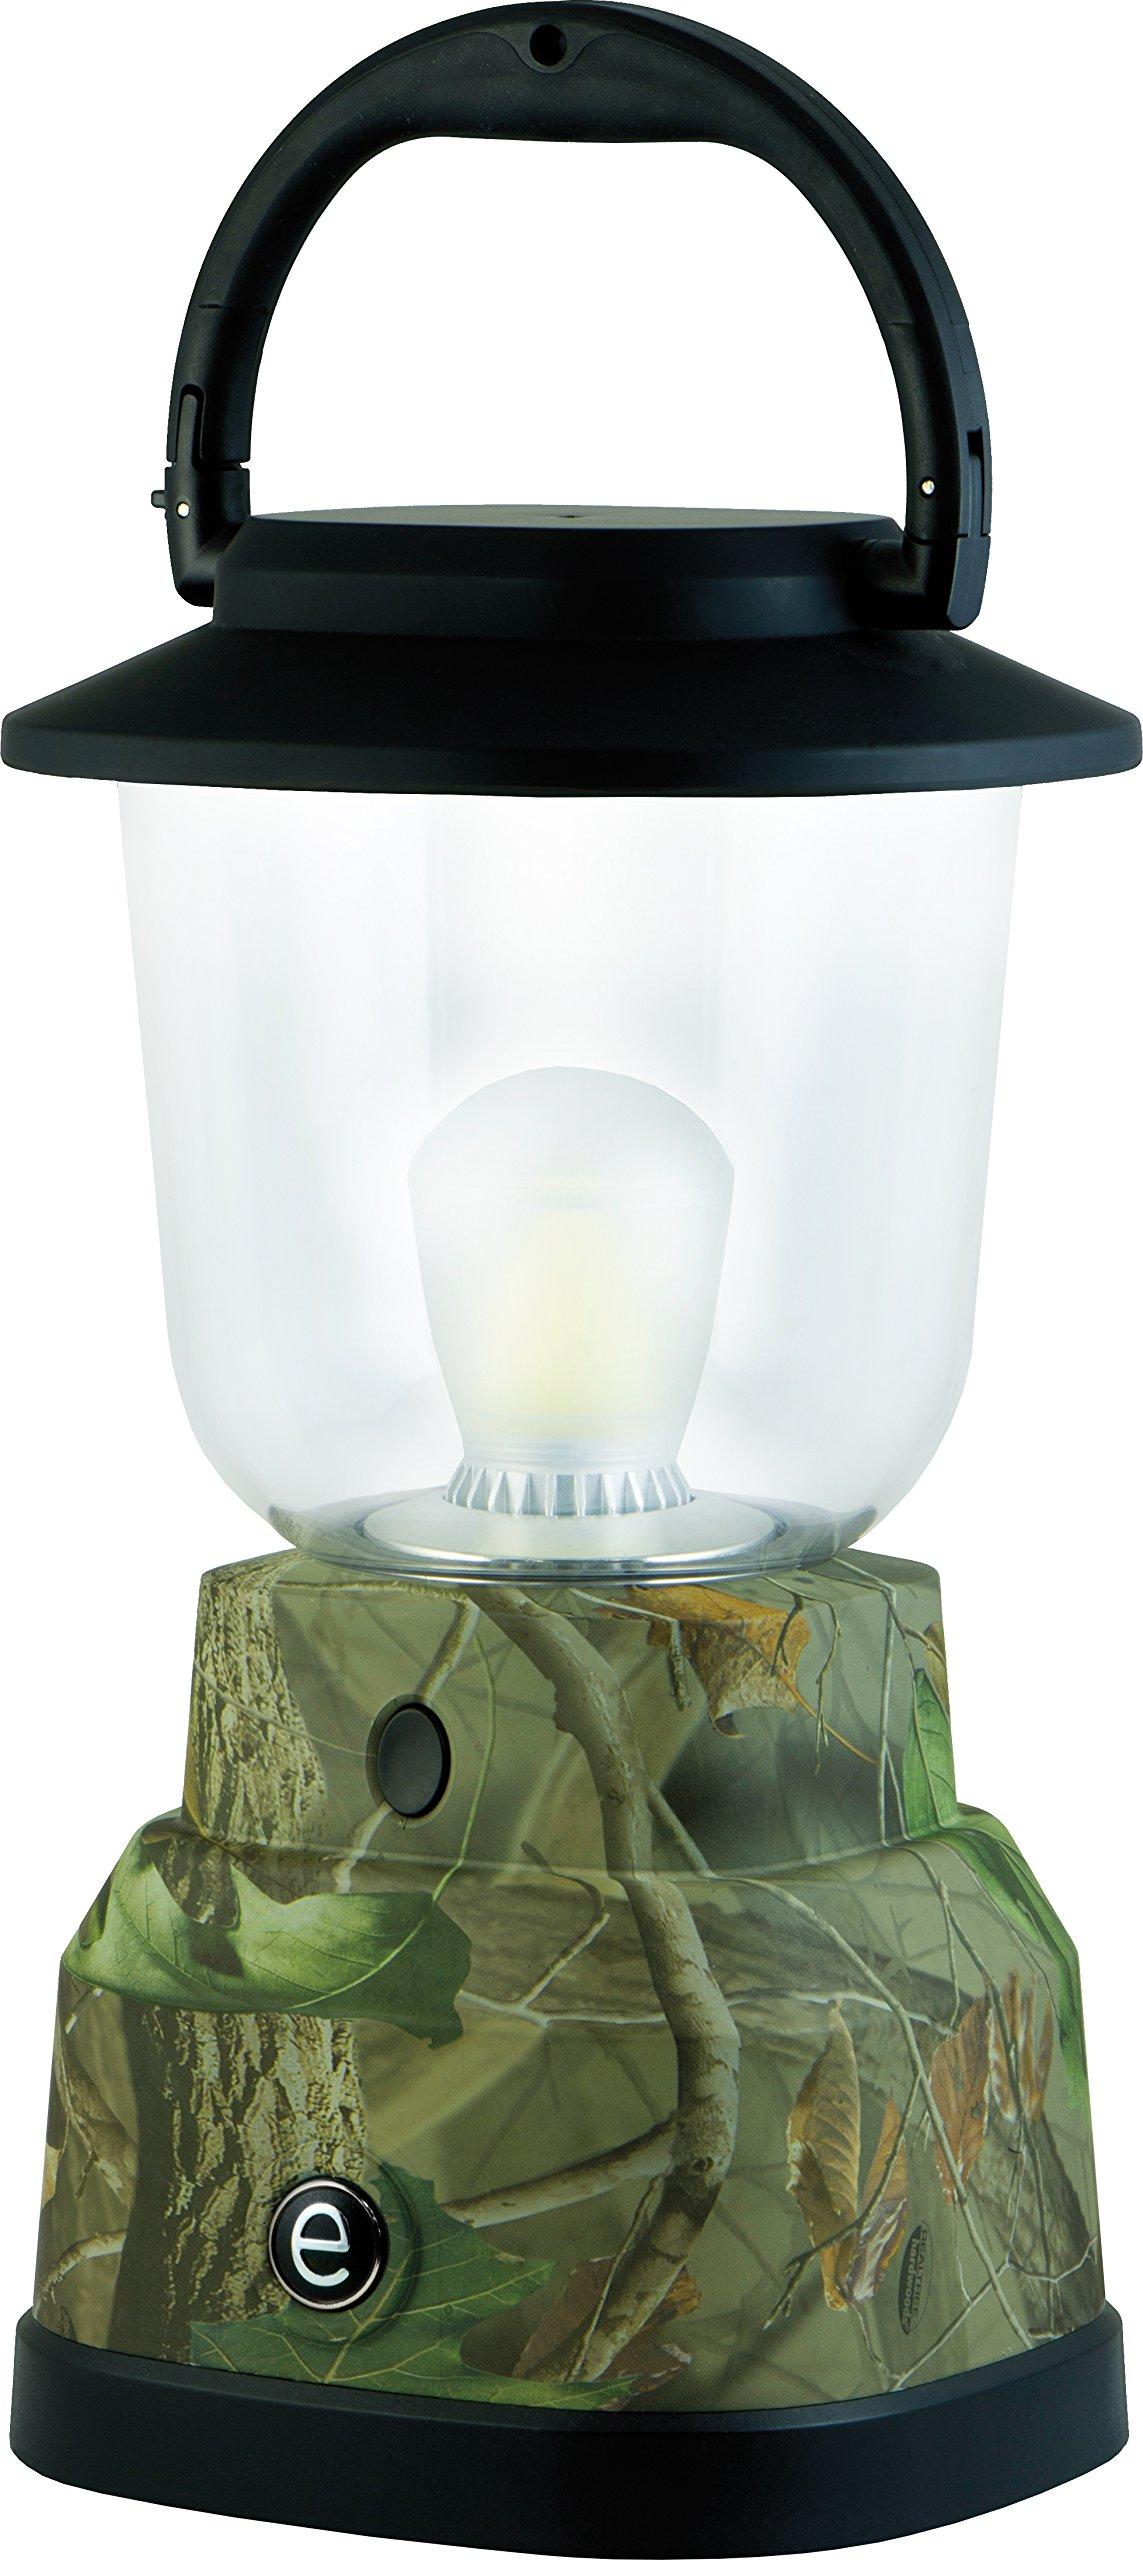 Eco Survivor 6D Extreme Lantern, Realtree Camo Green